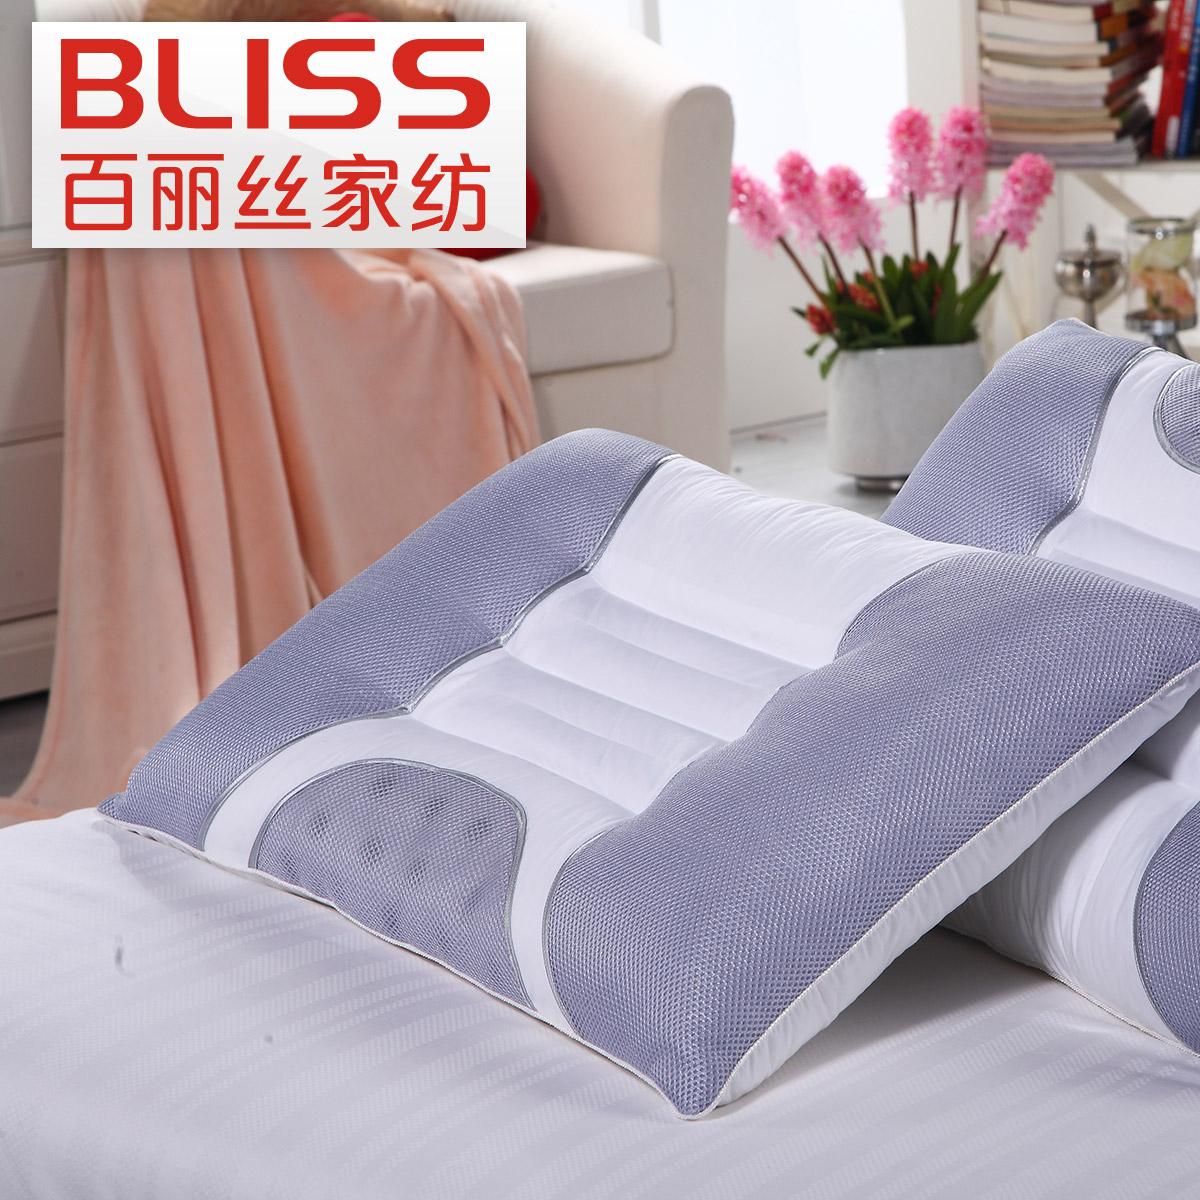 百丽丝繊維綿枕枕枕ケツメイシ護首成人保健の枕圧かないシングル枕